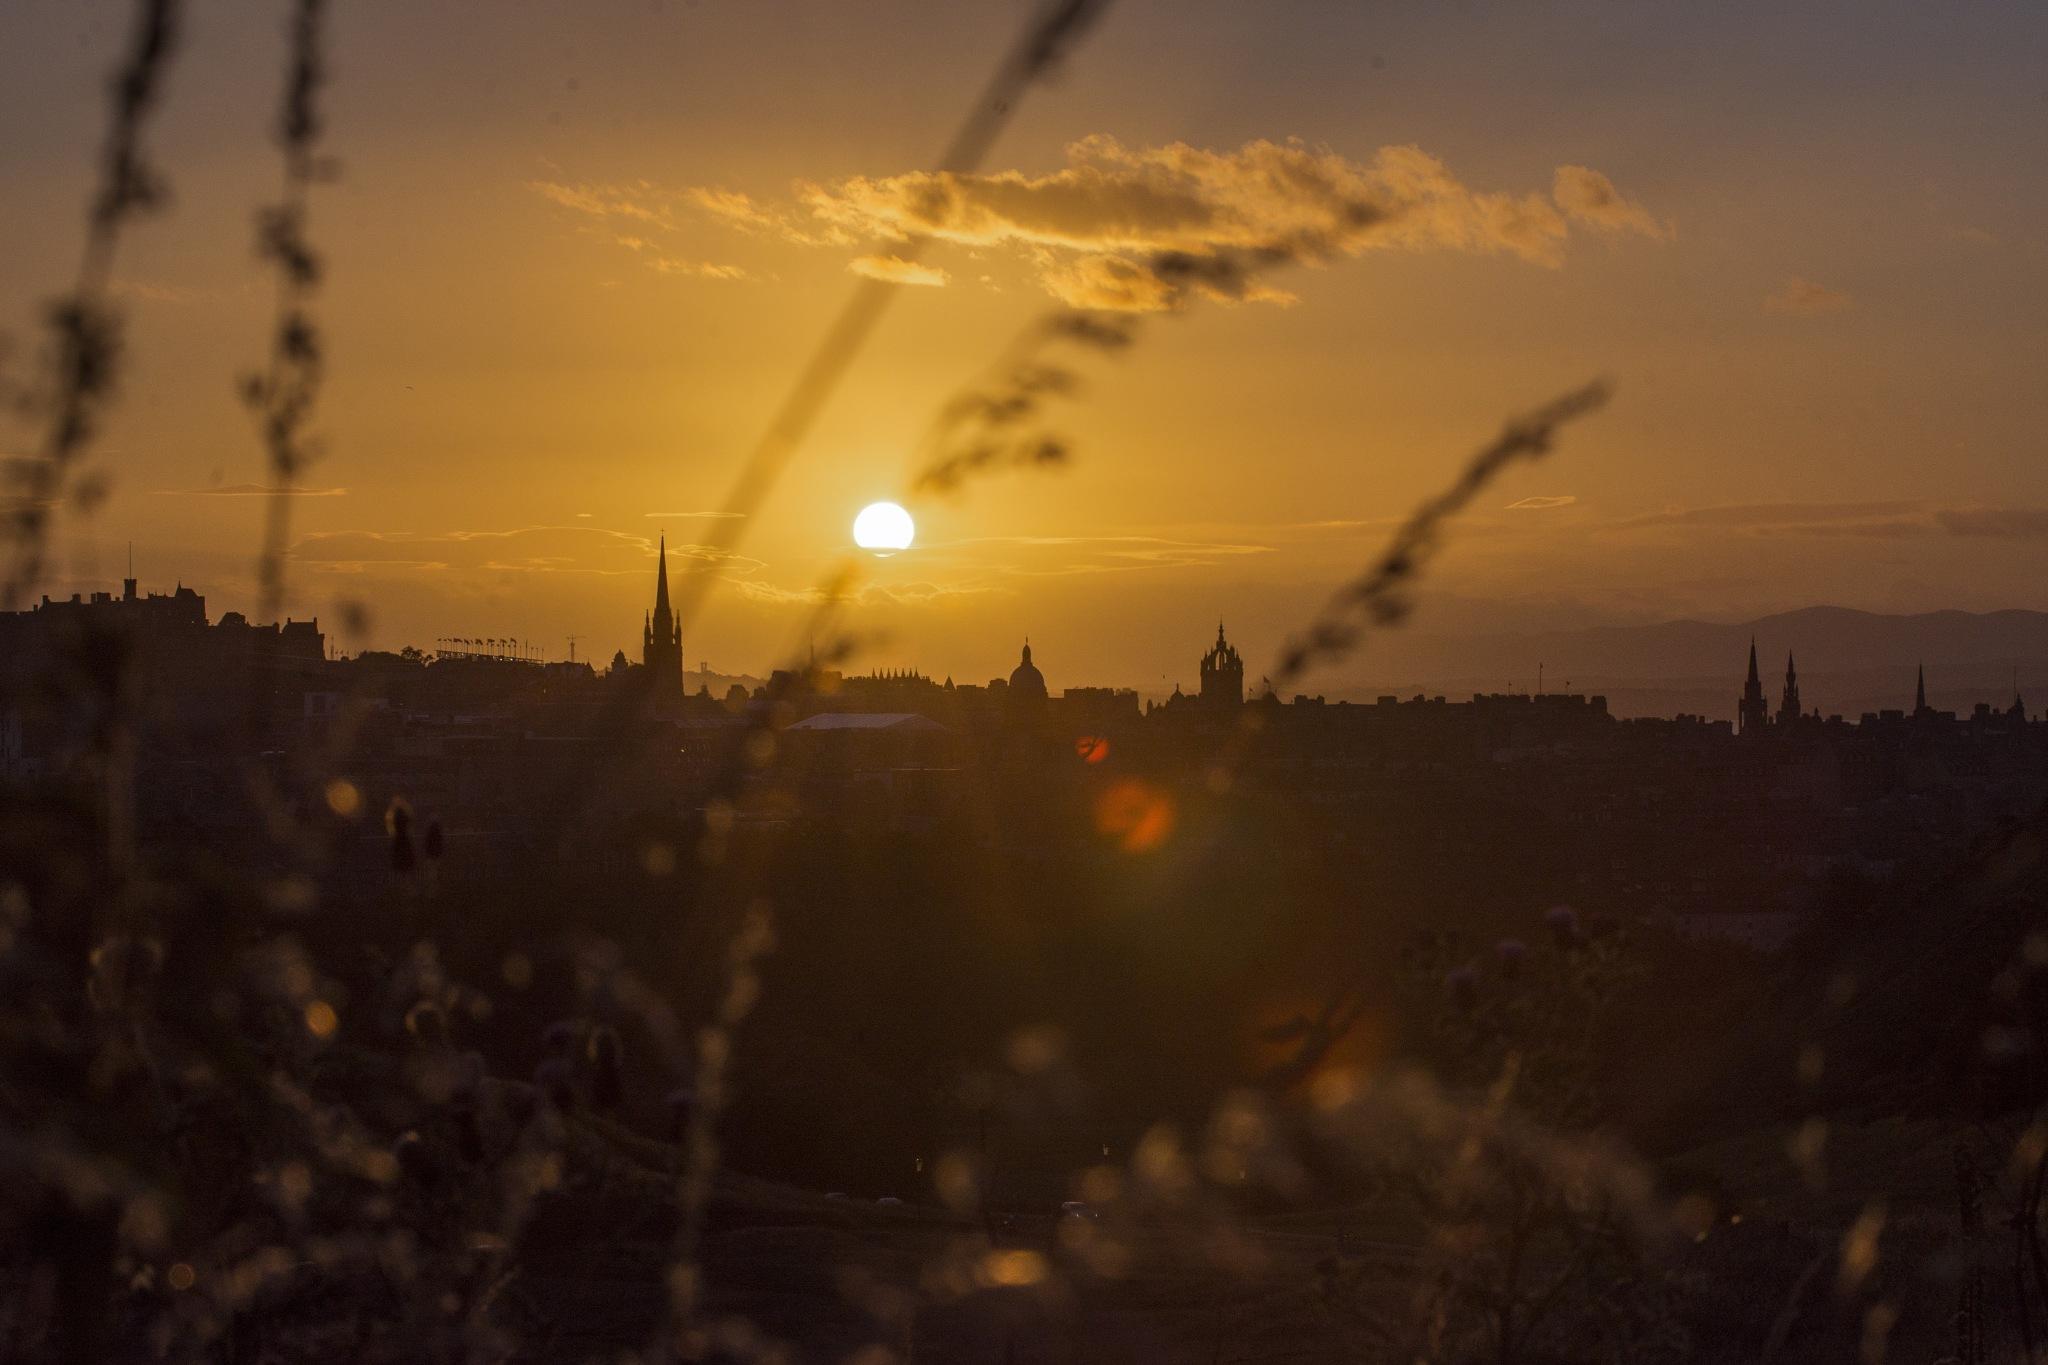 Soft Sunset by myra.watson3